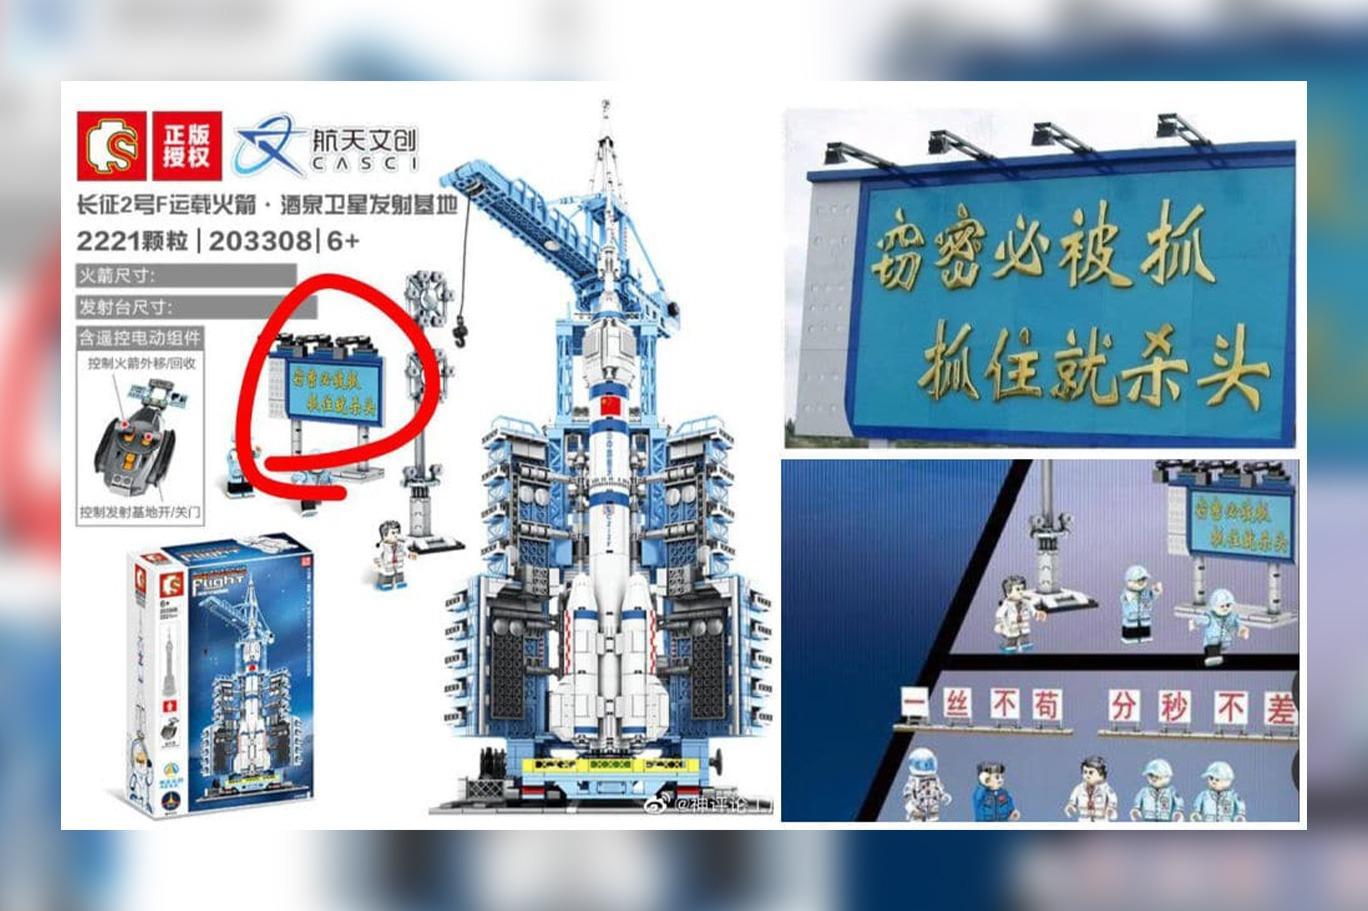 """Çin'in Lego'sunda yer alan """"kafa kesme"""" mesajı viral oldu"""